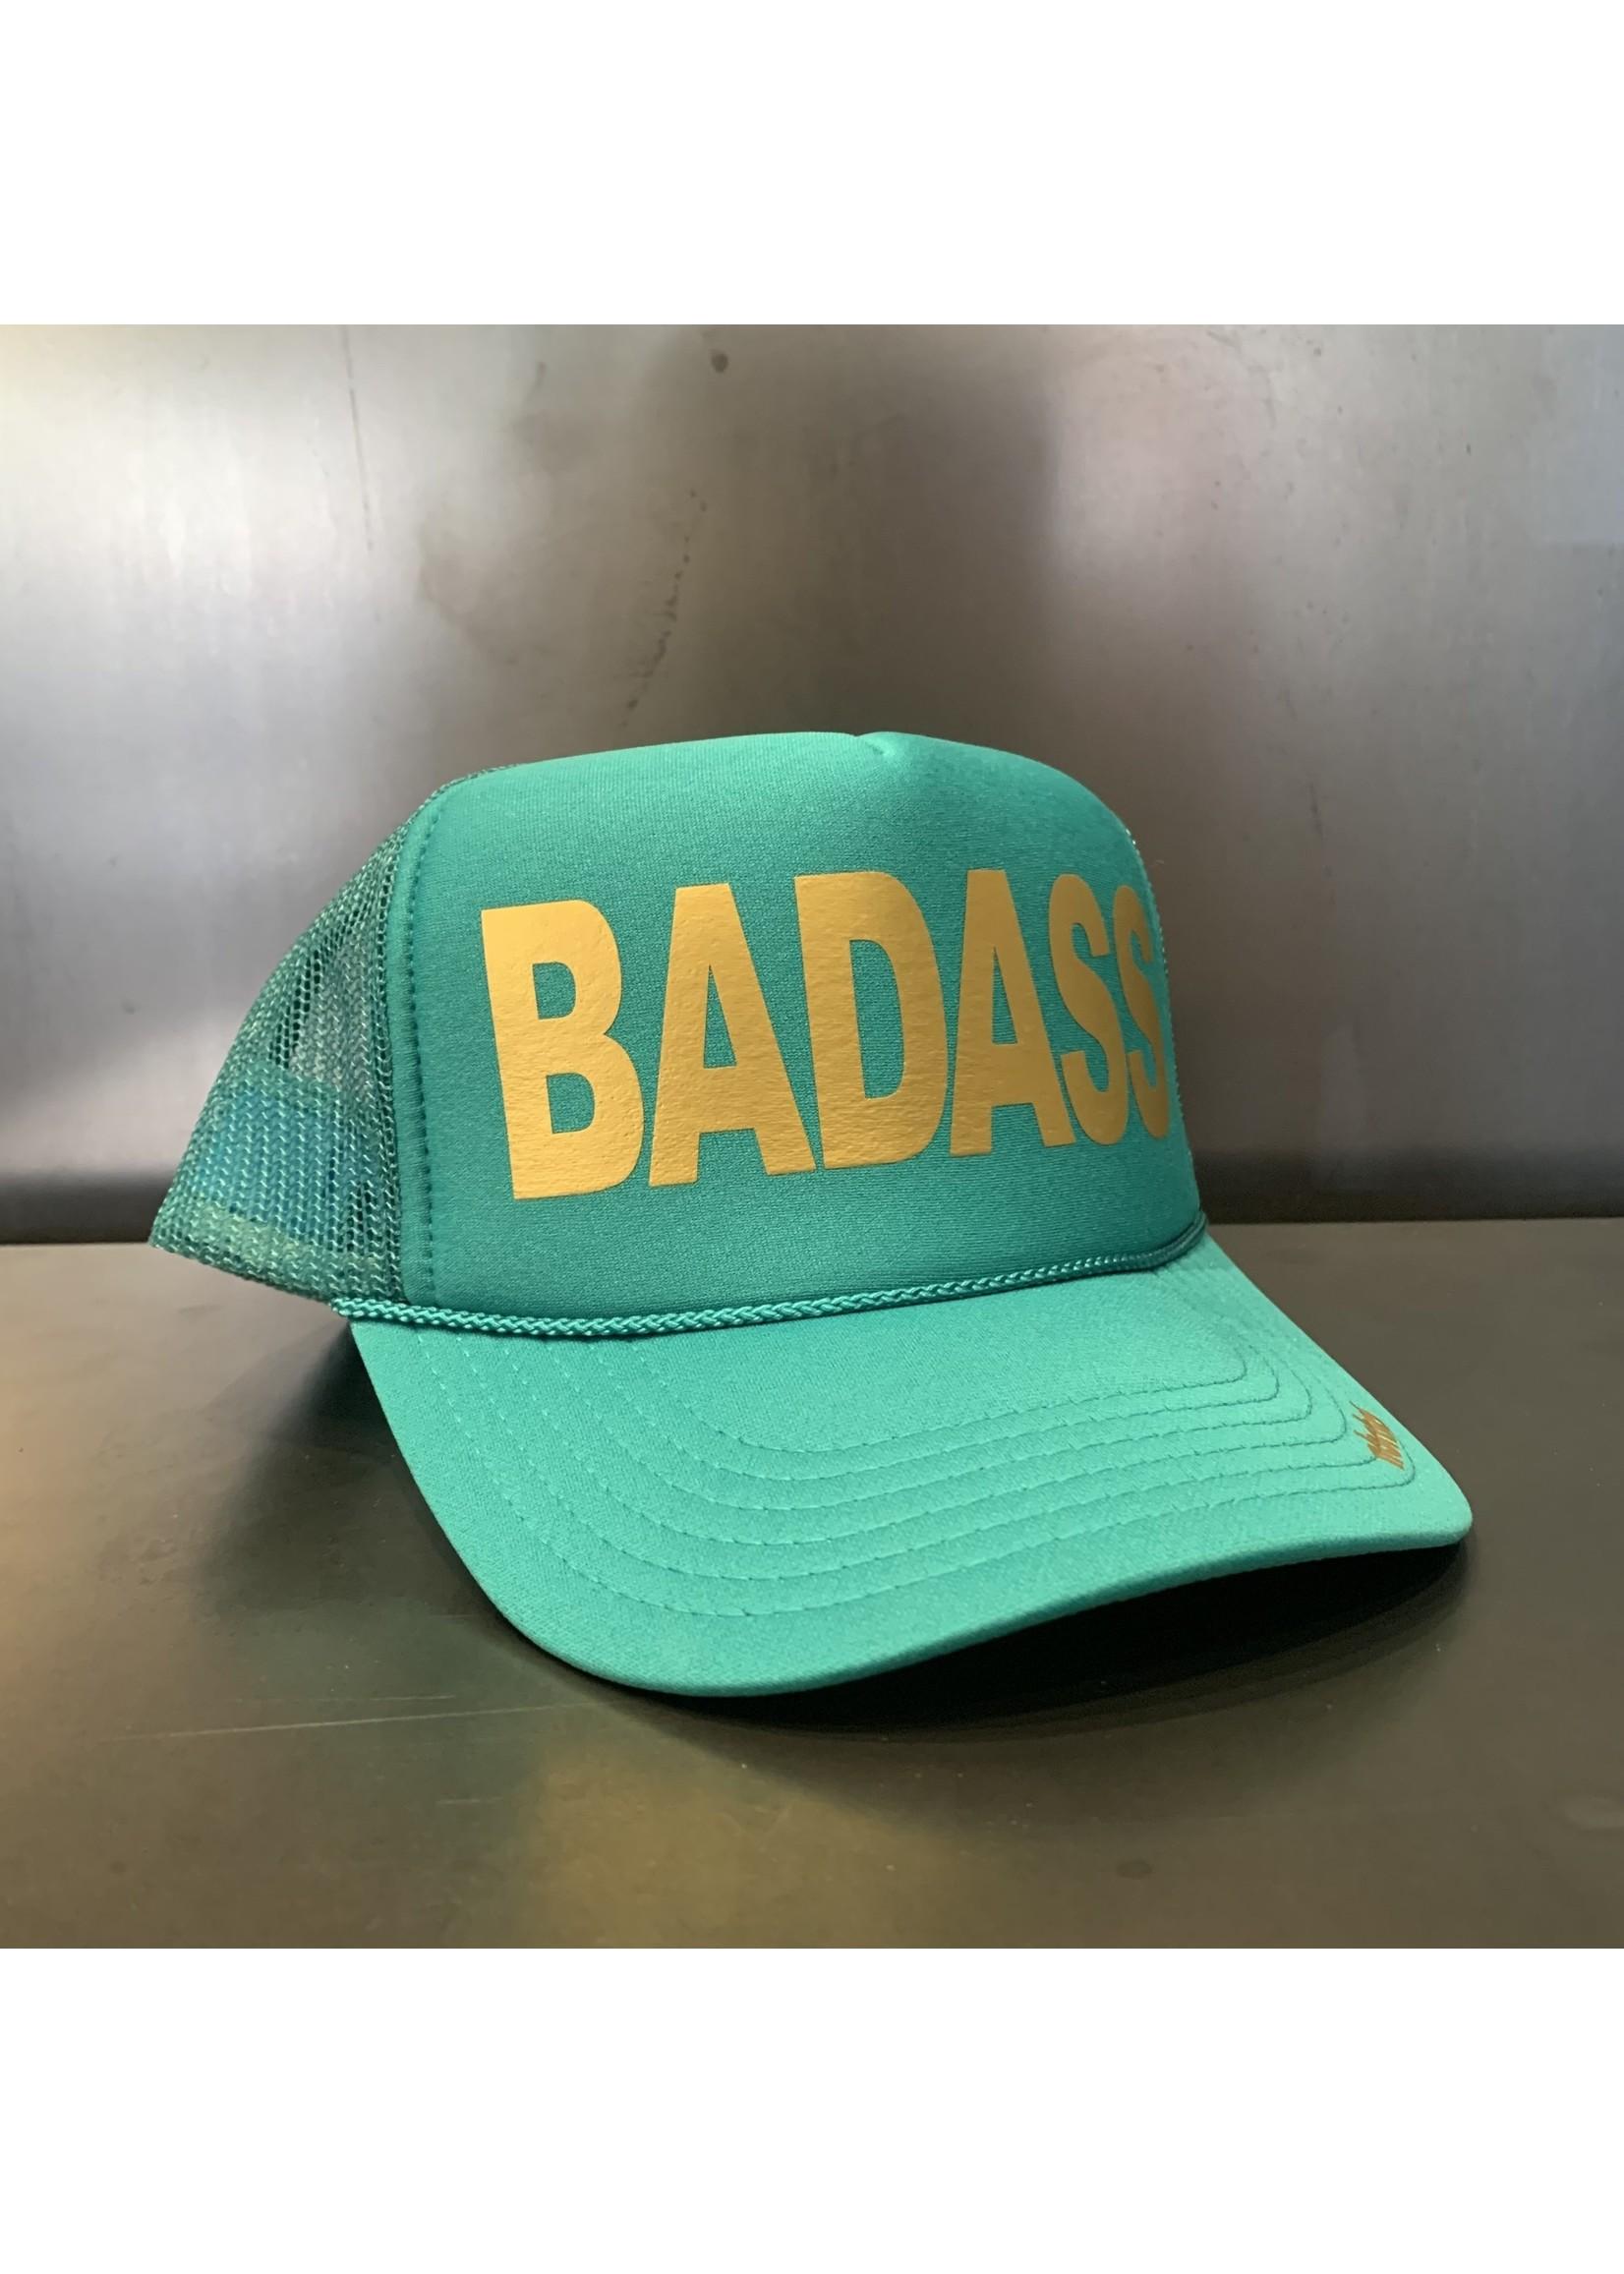 nbrhd Nbrhd Badass Hat